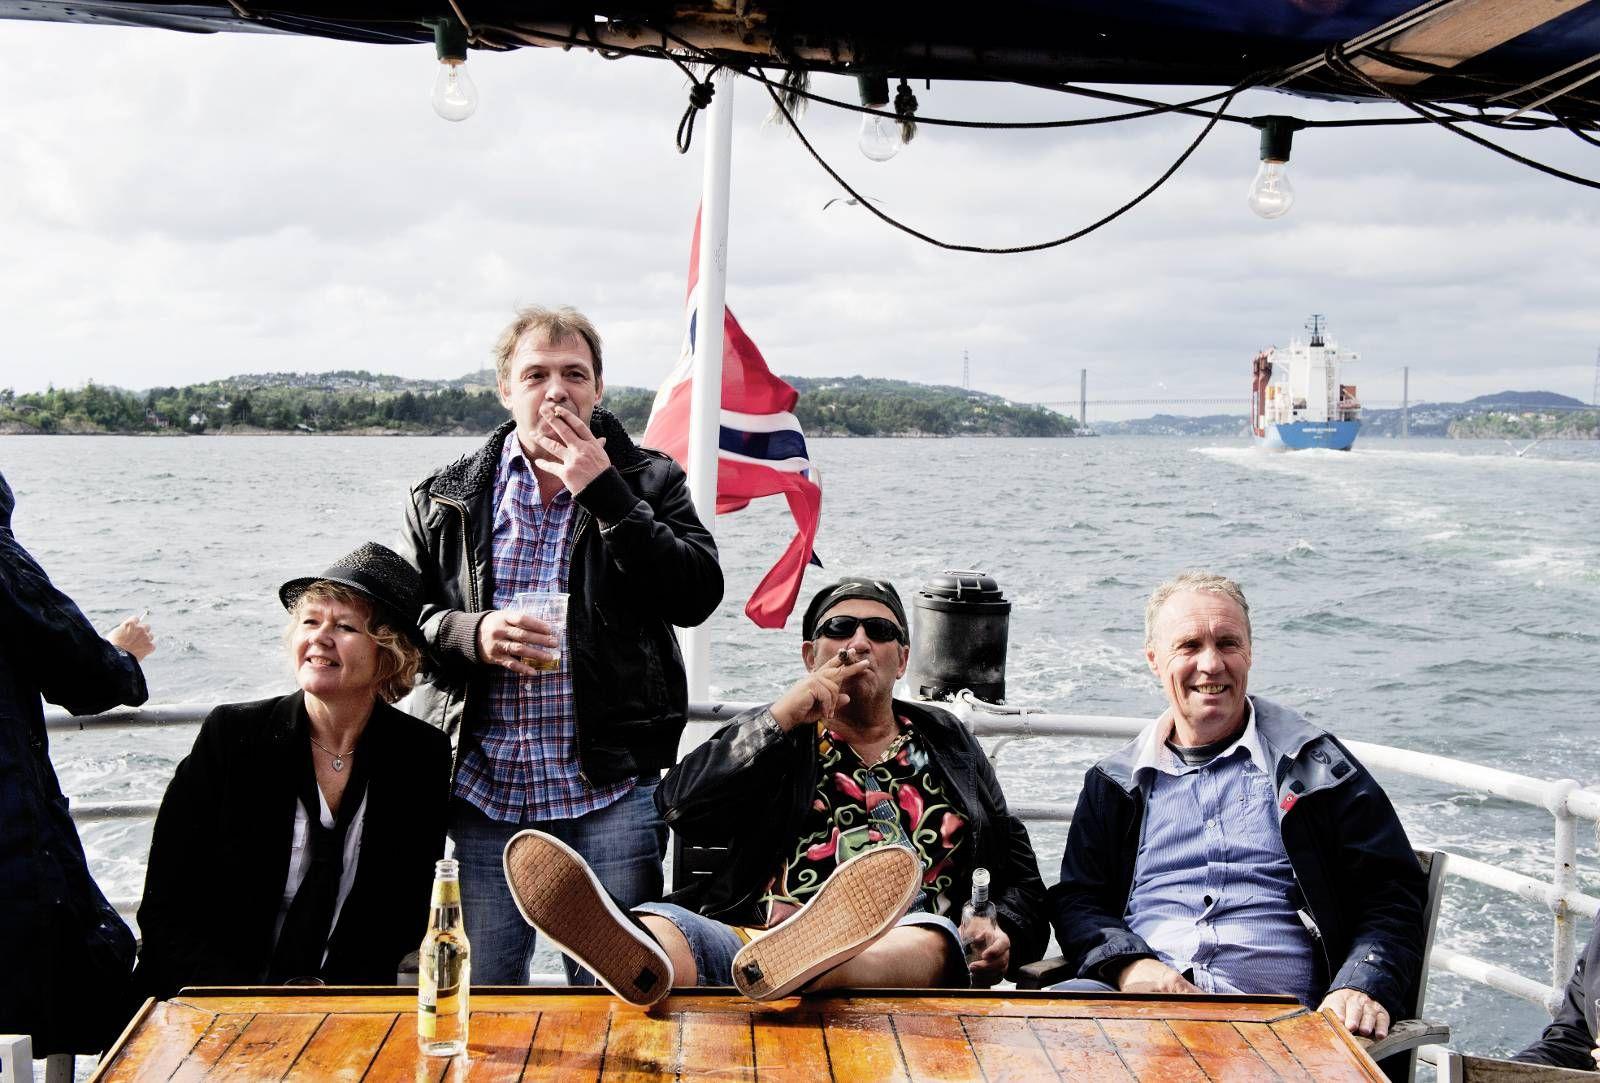 FORNØYD PUBLIKUM: Osøren Blues & Jazzfestival er en festival med mange gjengangere.Noen har lært hvor man finner de beste plassene.